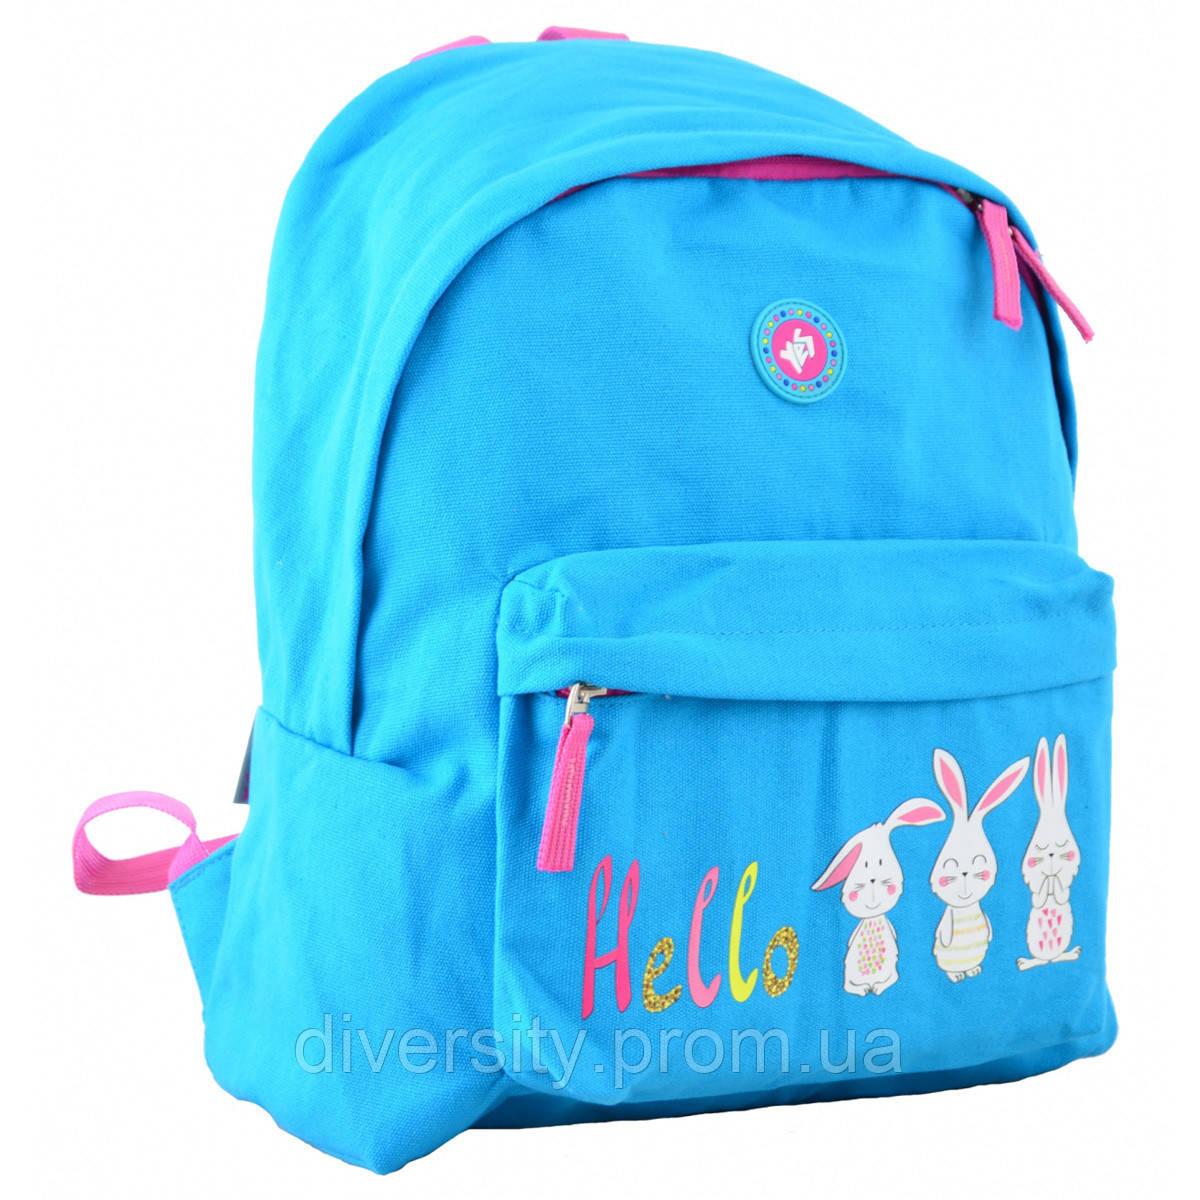 Молодежный рюкзак YES  ST-30 Medium blue, 35*28*16